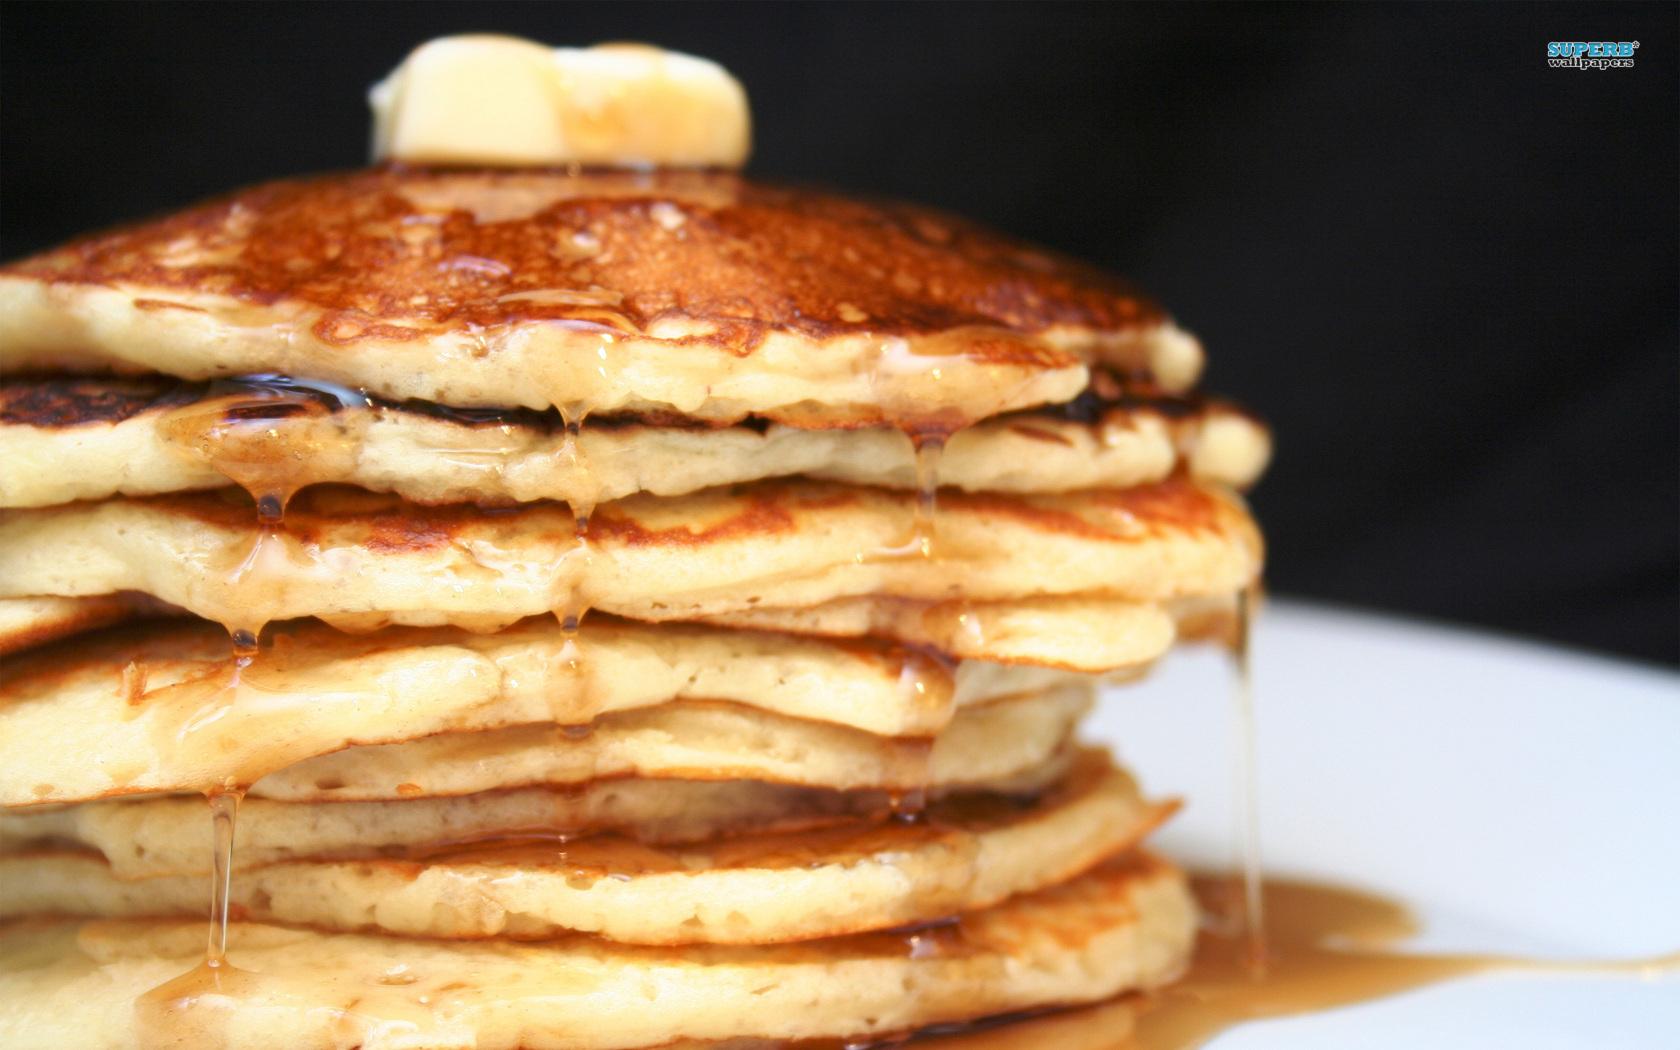 Pancakes wallpaper 1680x1050 78693 1680x1050